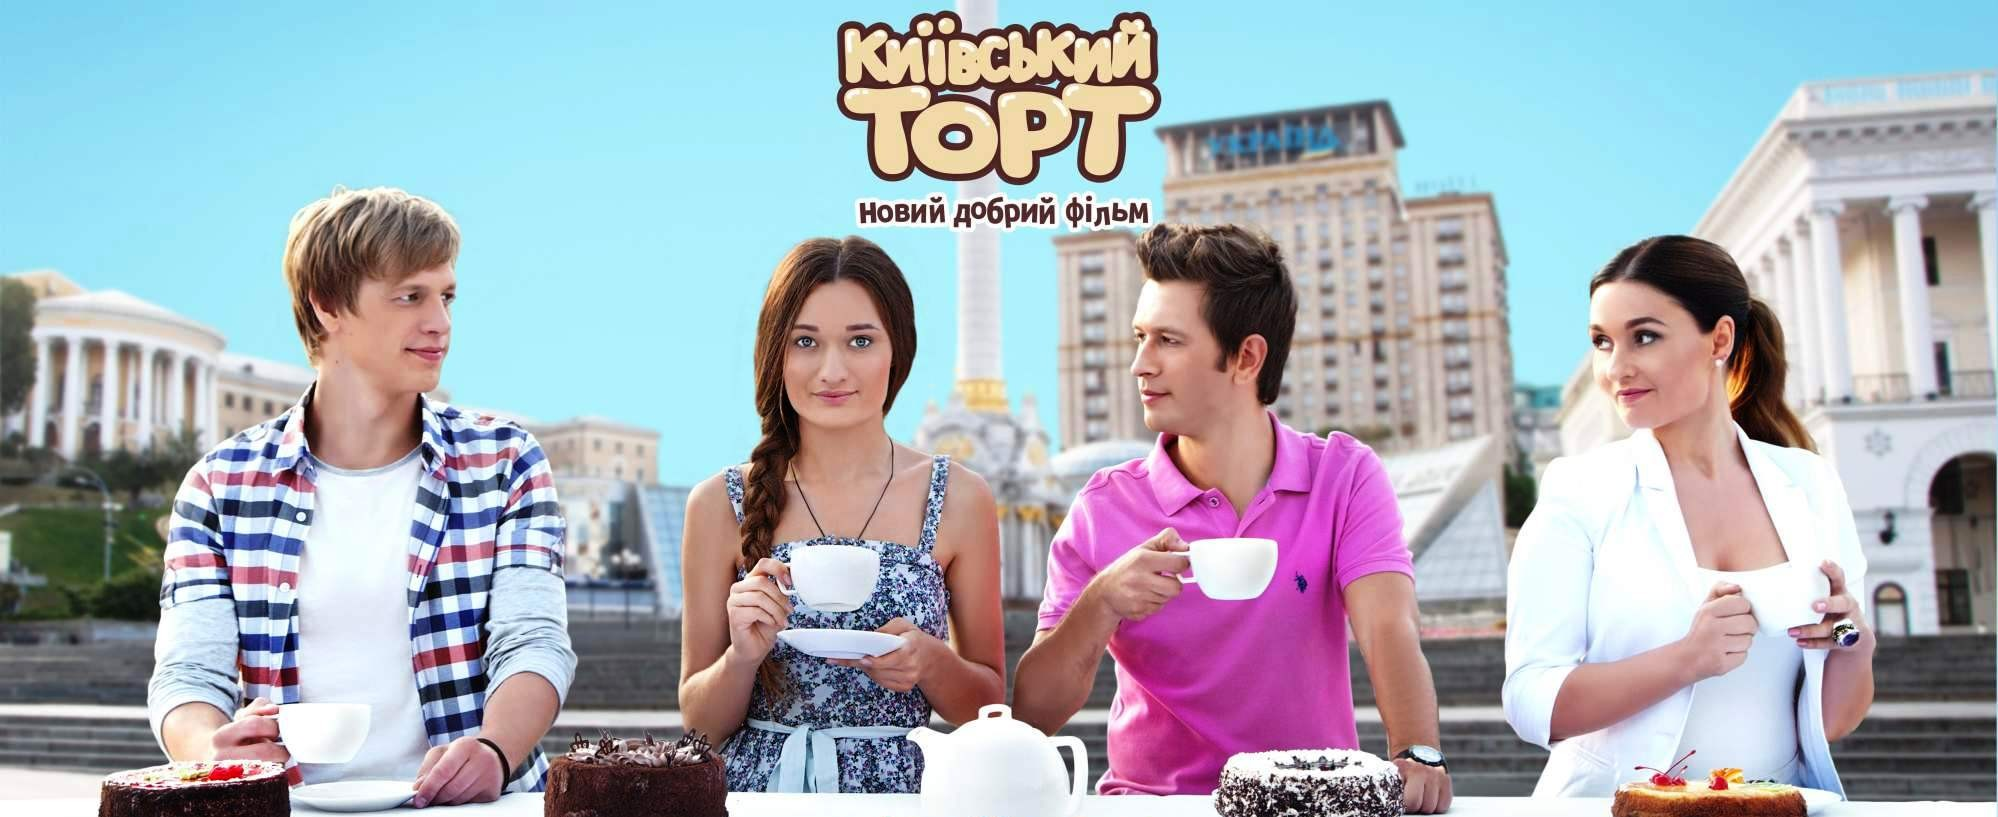 Киевский торт